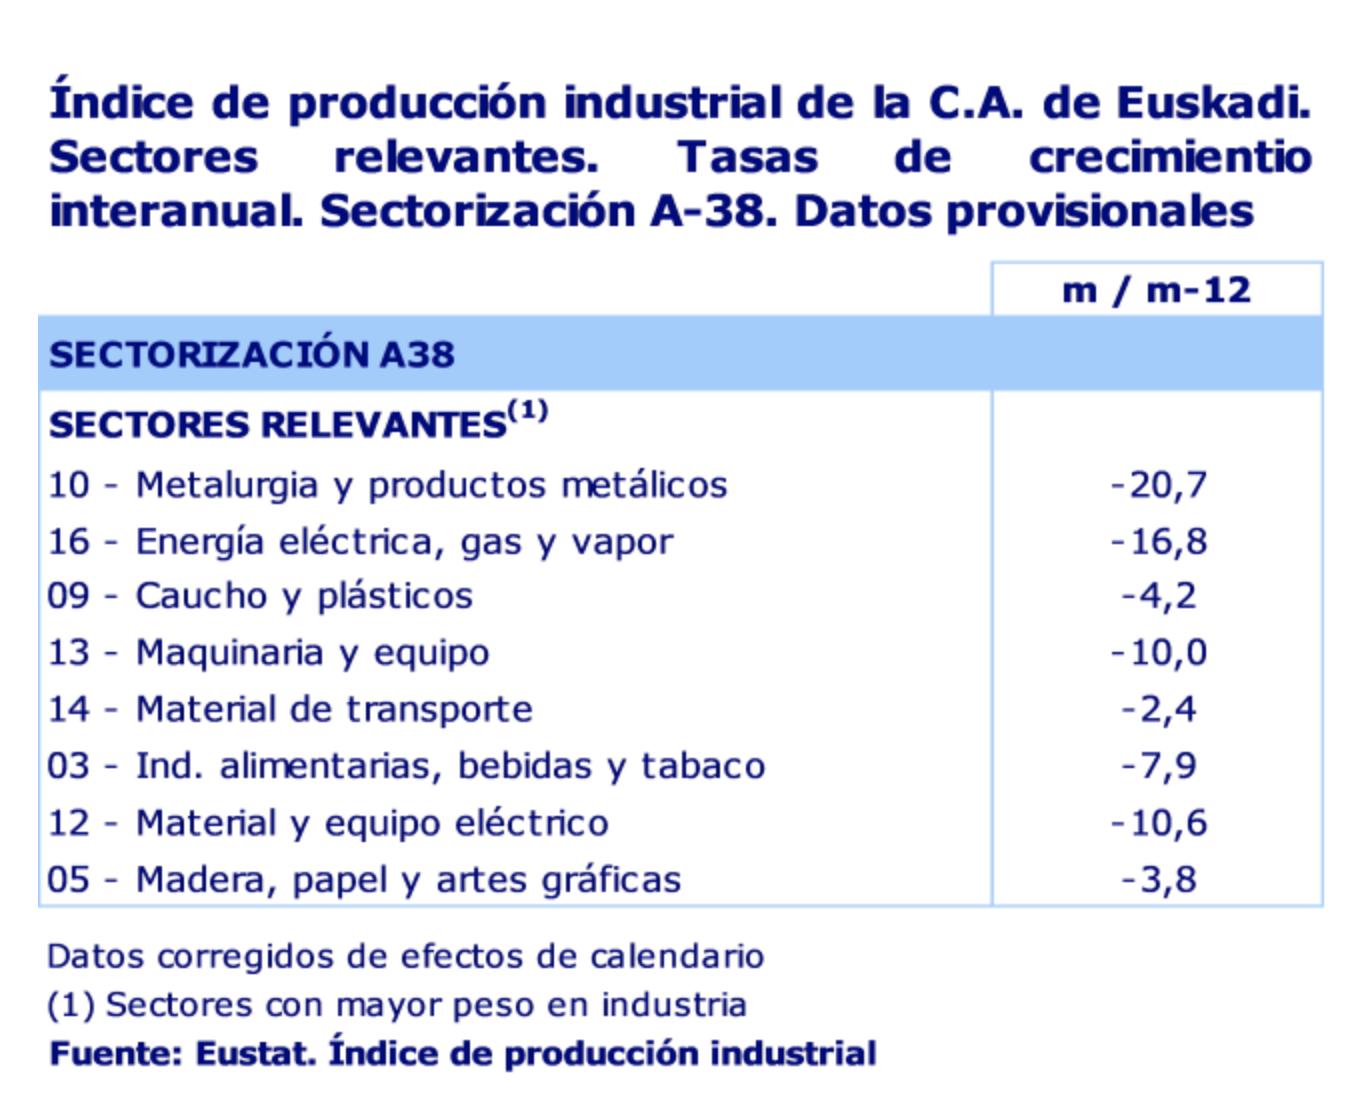 La actividad industrial de la C.A. de Euskadi desciende un 12,4% en julio de 2020 2